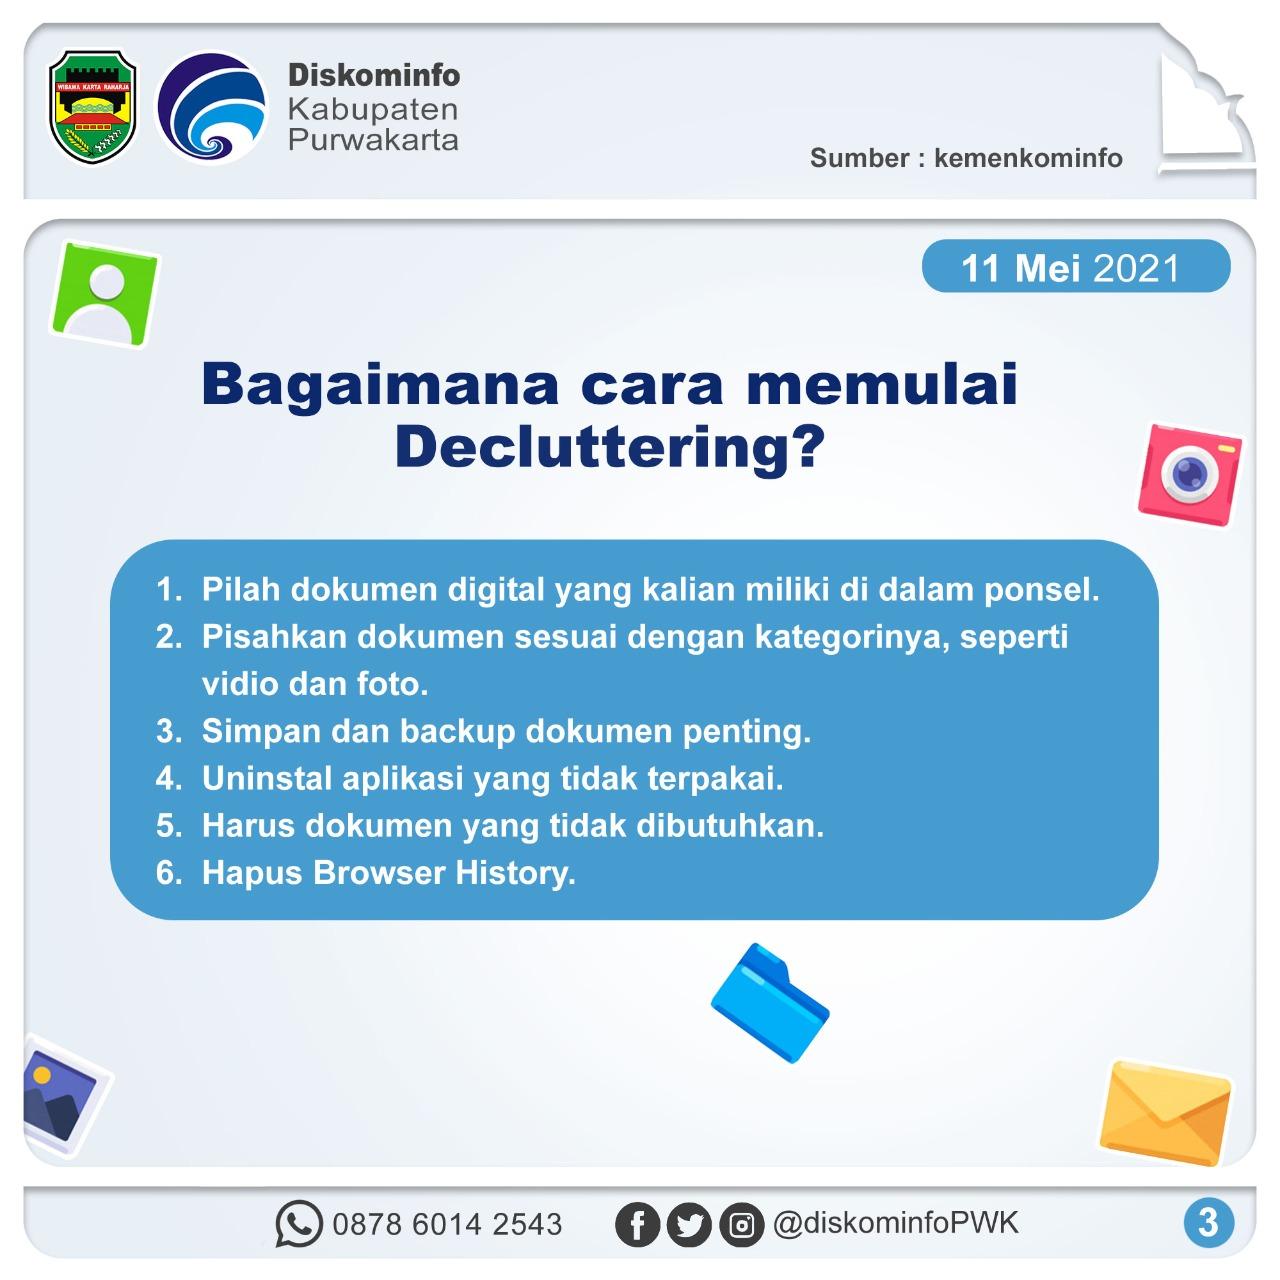 Bagaimana Cara Decluttering?